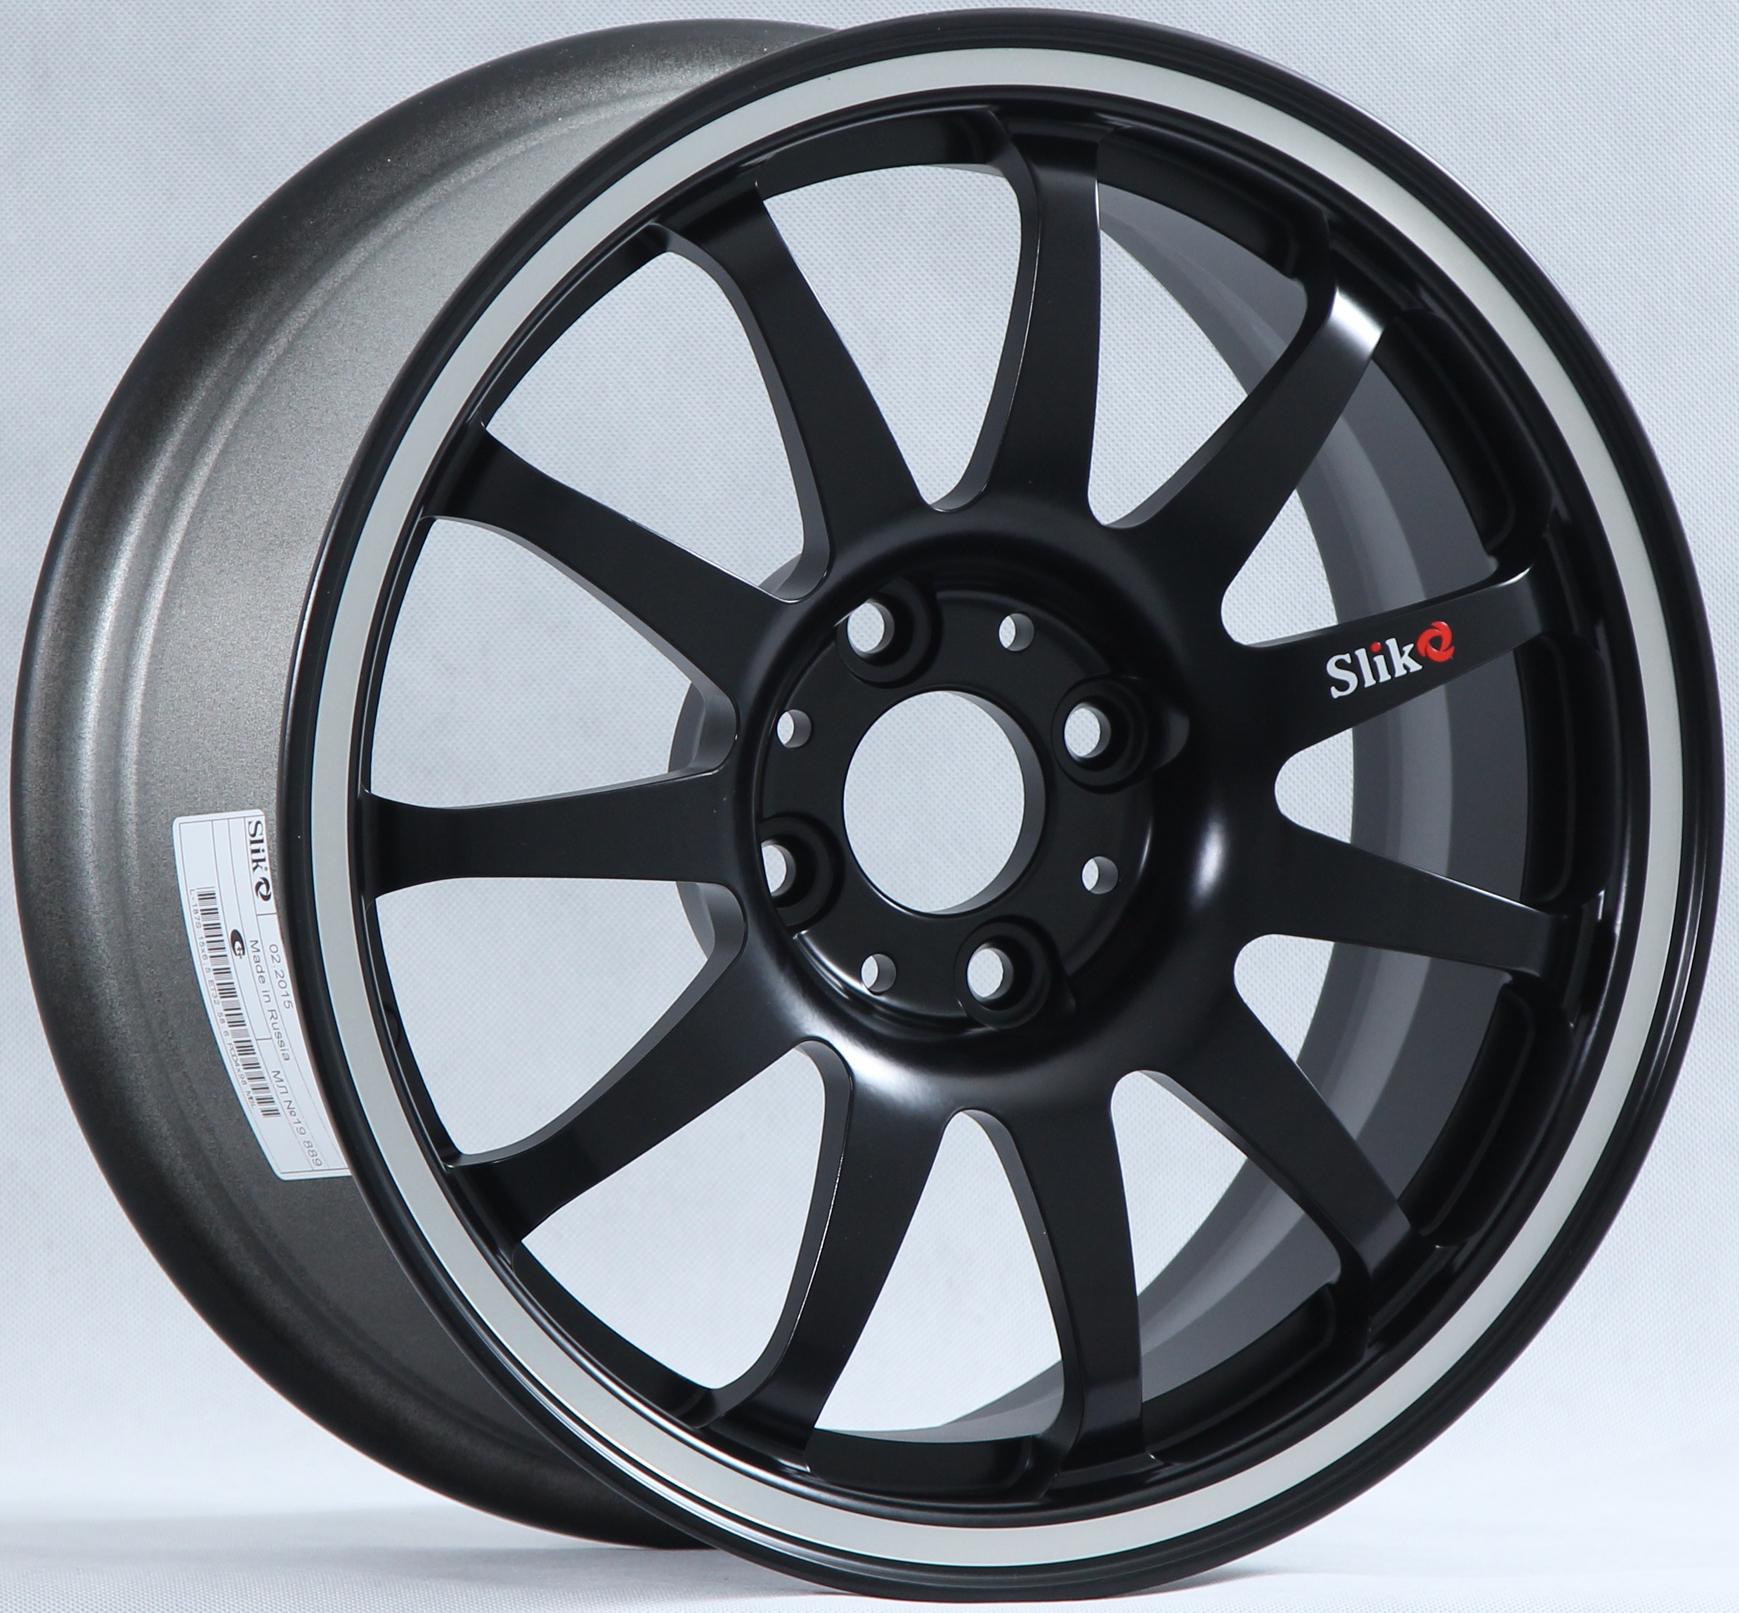 SLIK L-187s forged wheels new design